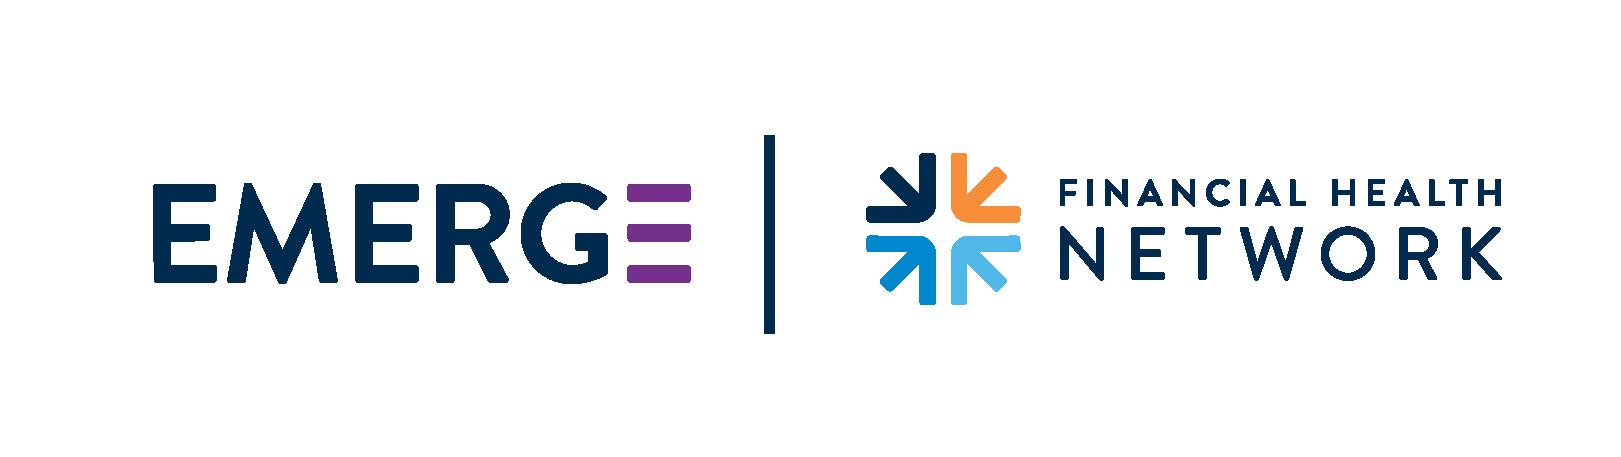 Financial Health Network Emerge